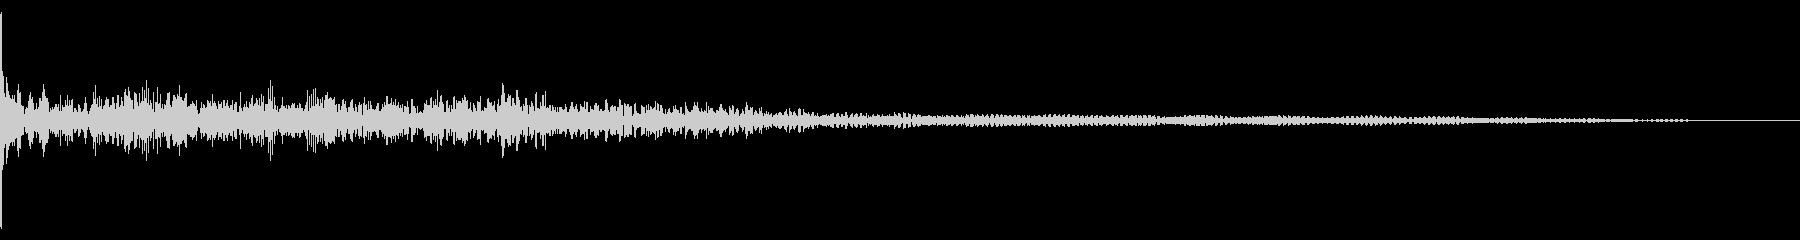 ホラー系アタック音10の未再生の波形